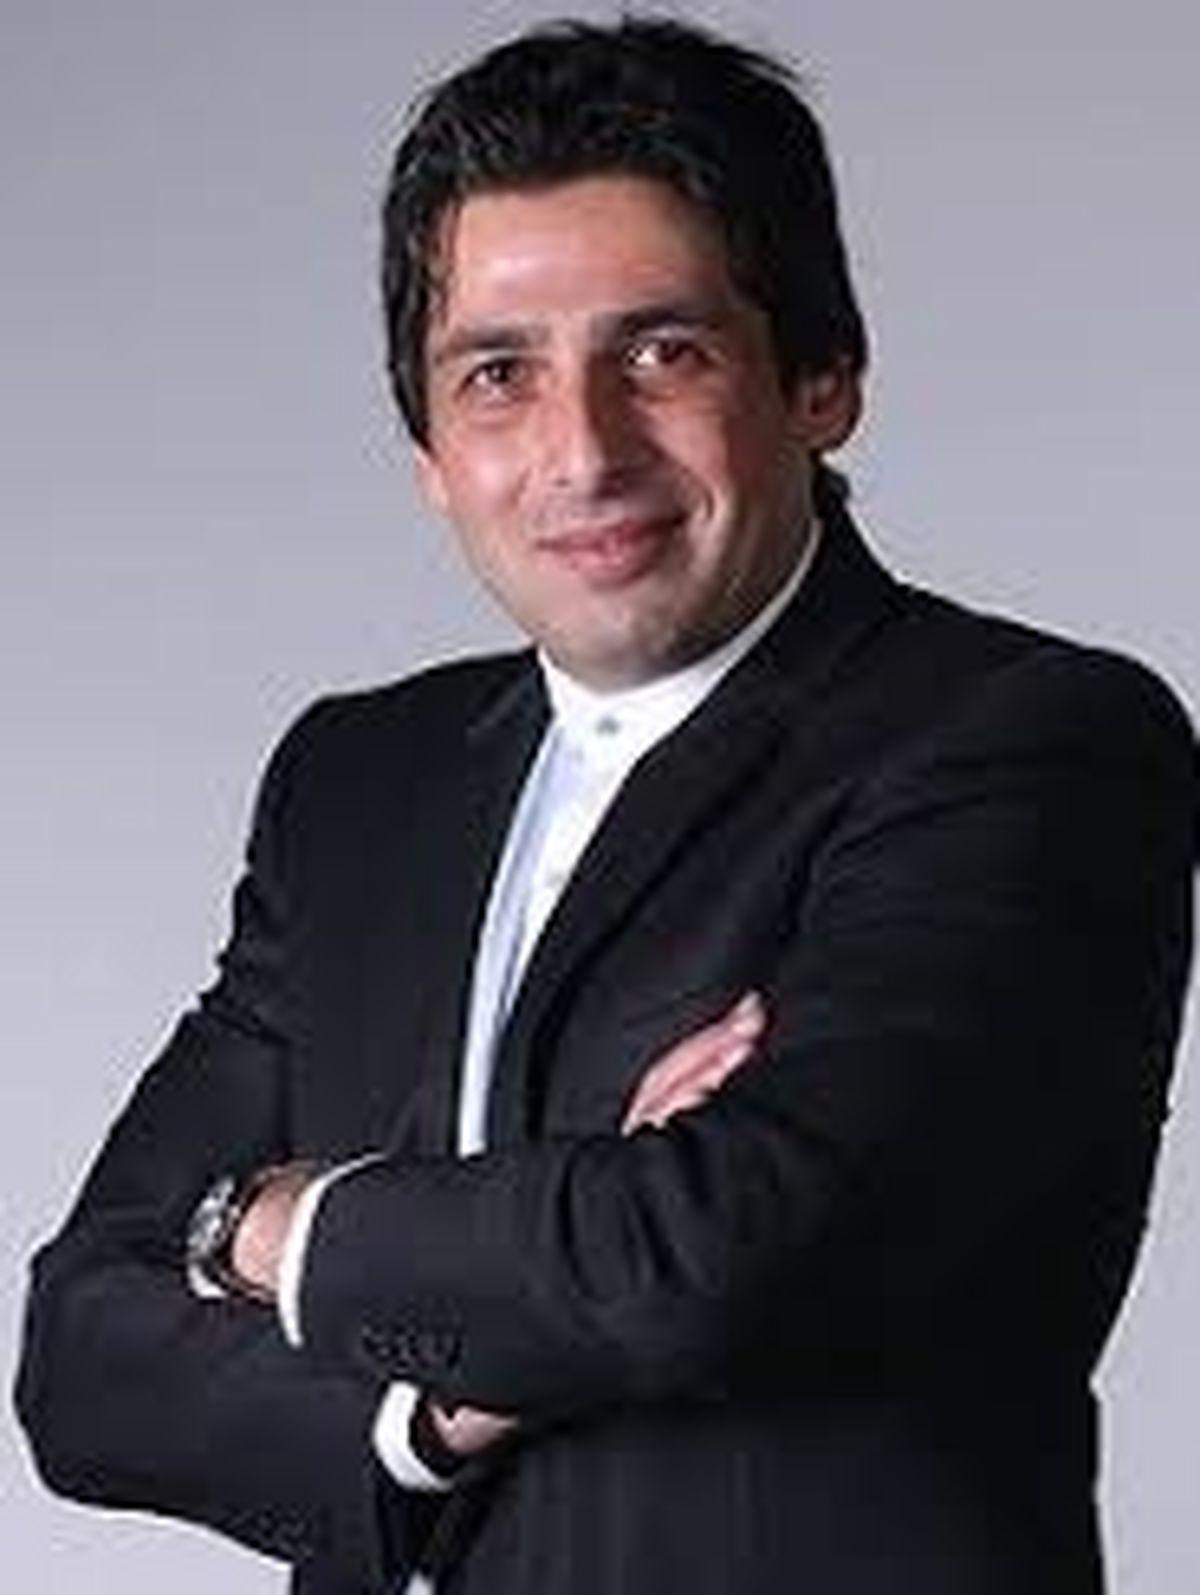 پشت پرده طلاق حمید گودرزی فاش شد+ جزئیات